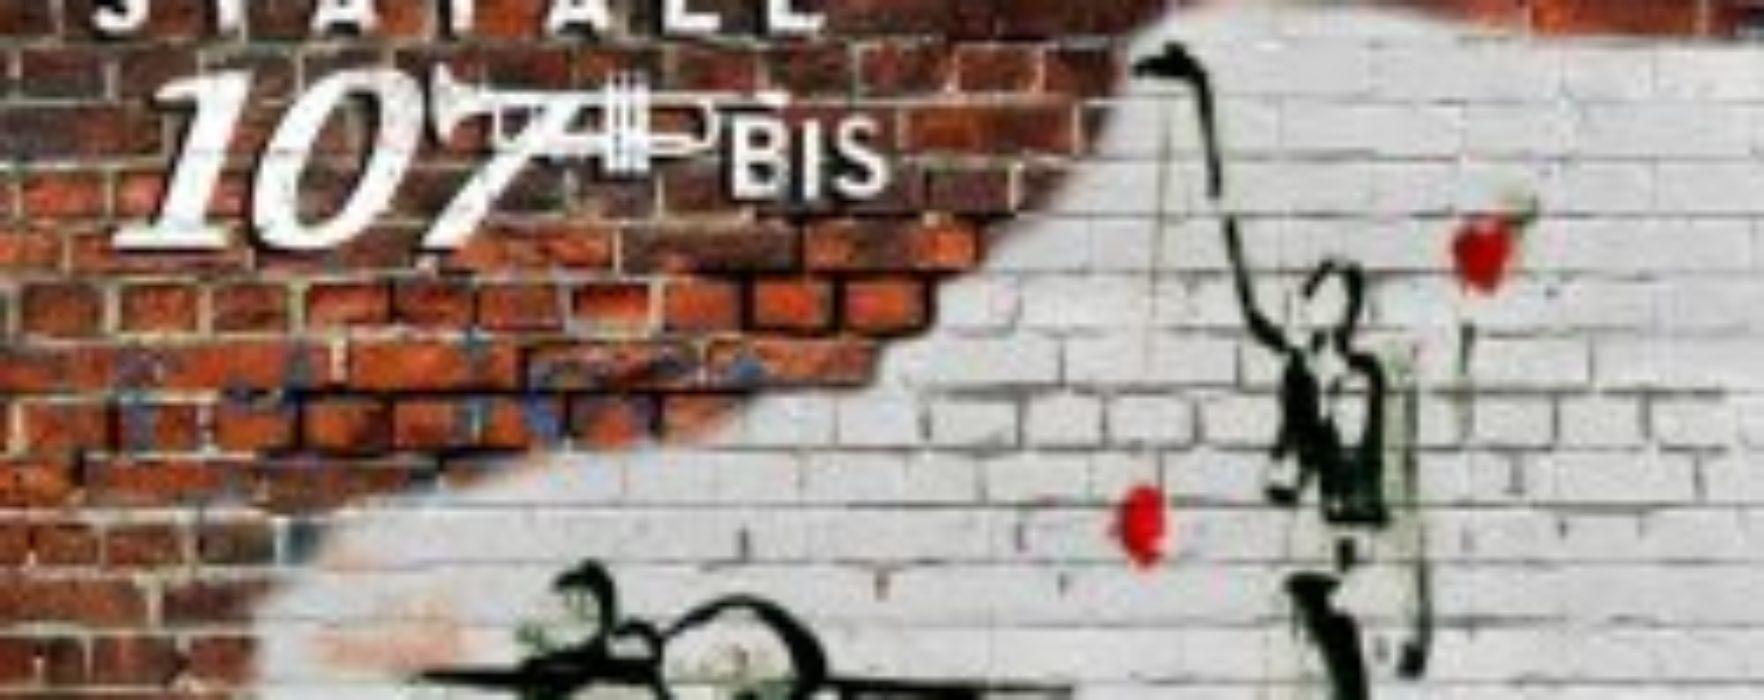 """Statale107Bis, """"Muri muti"""": recensione e streaming"""